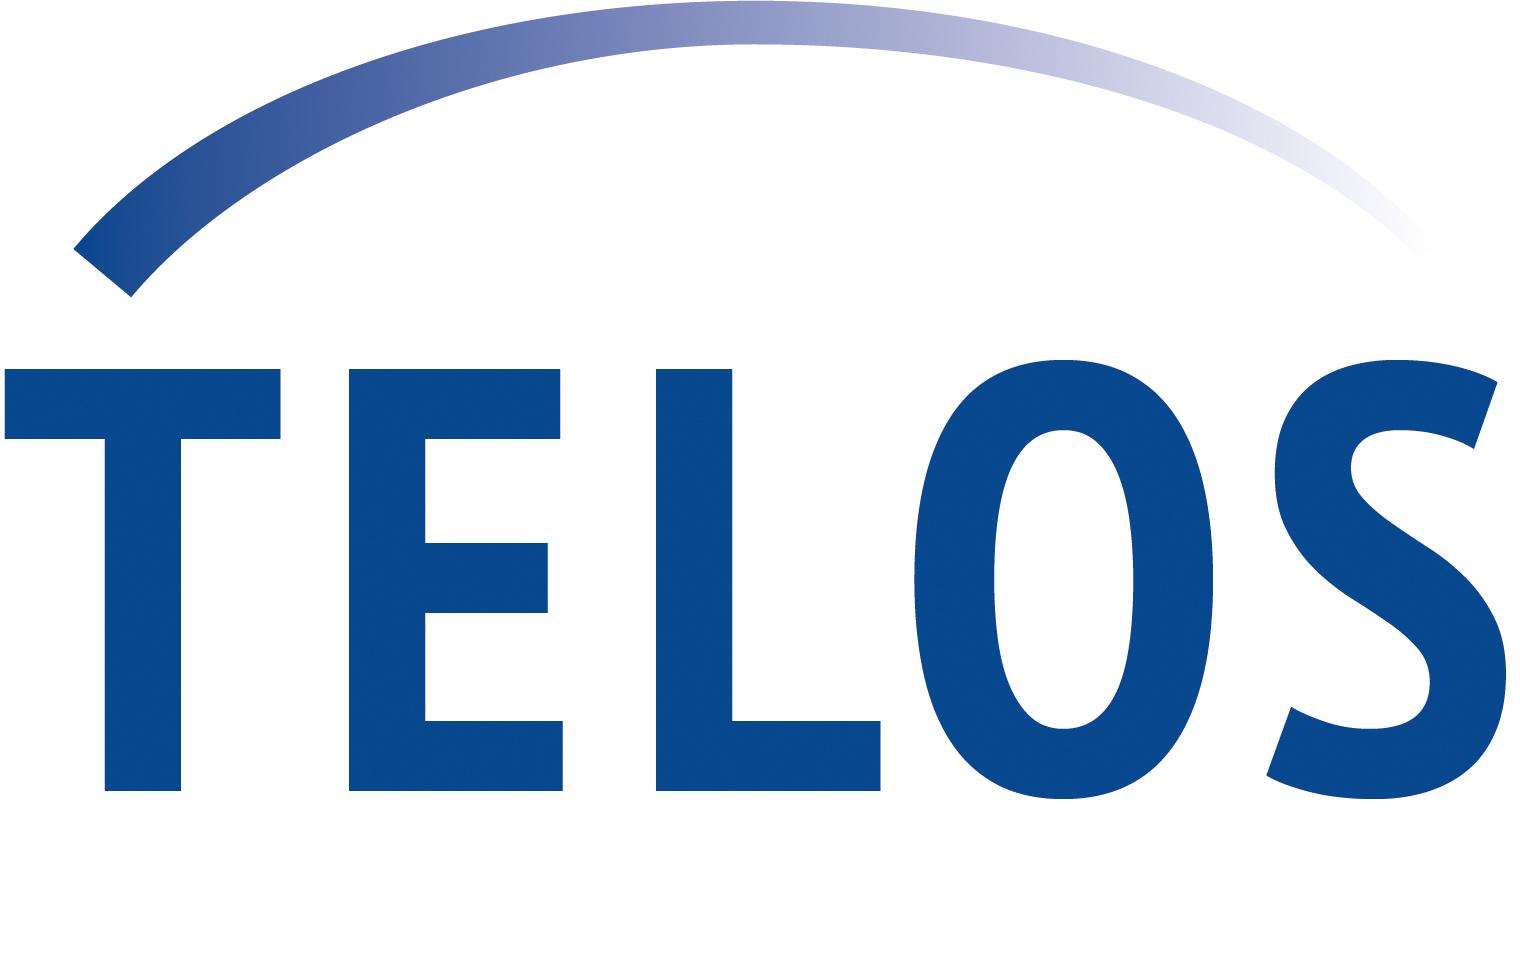 20.08.2020 – 11. TELOS Wiesbadener Investorentag, Wiesbaden